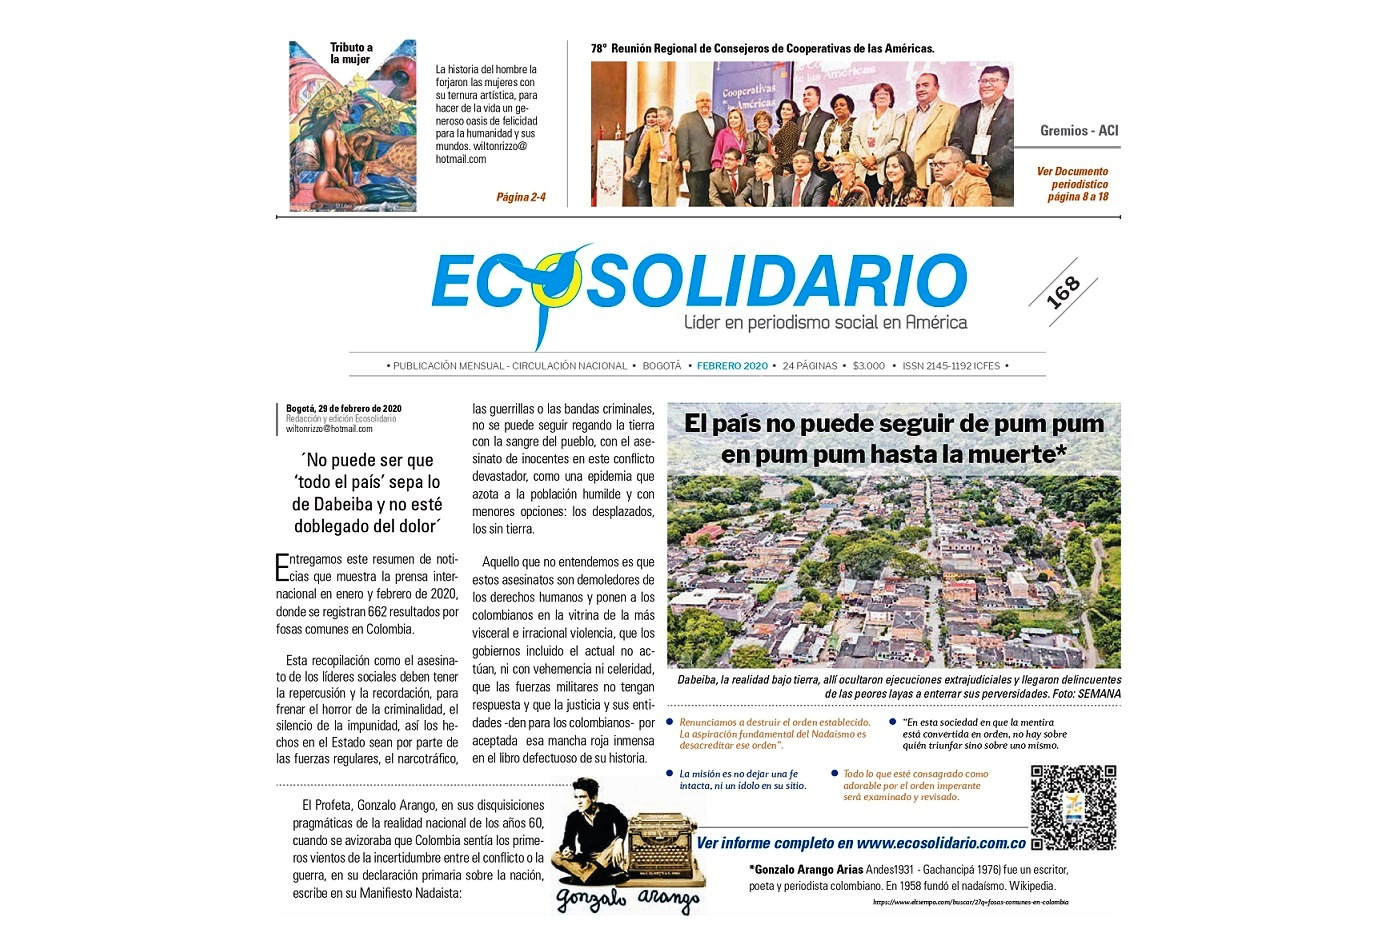 Edición Digital ECOSOLIDARIO 168 - Febrero